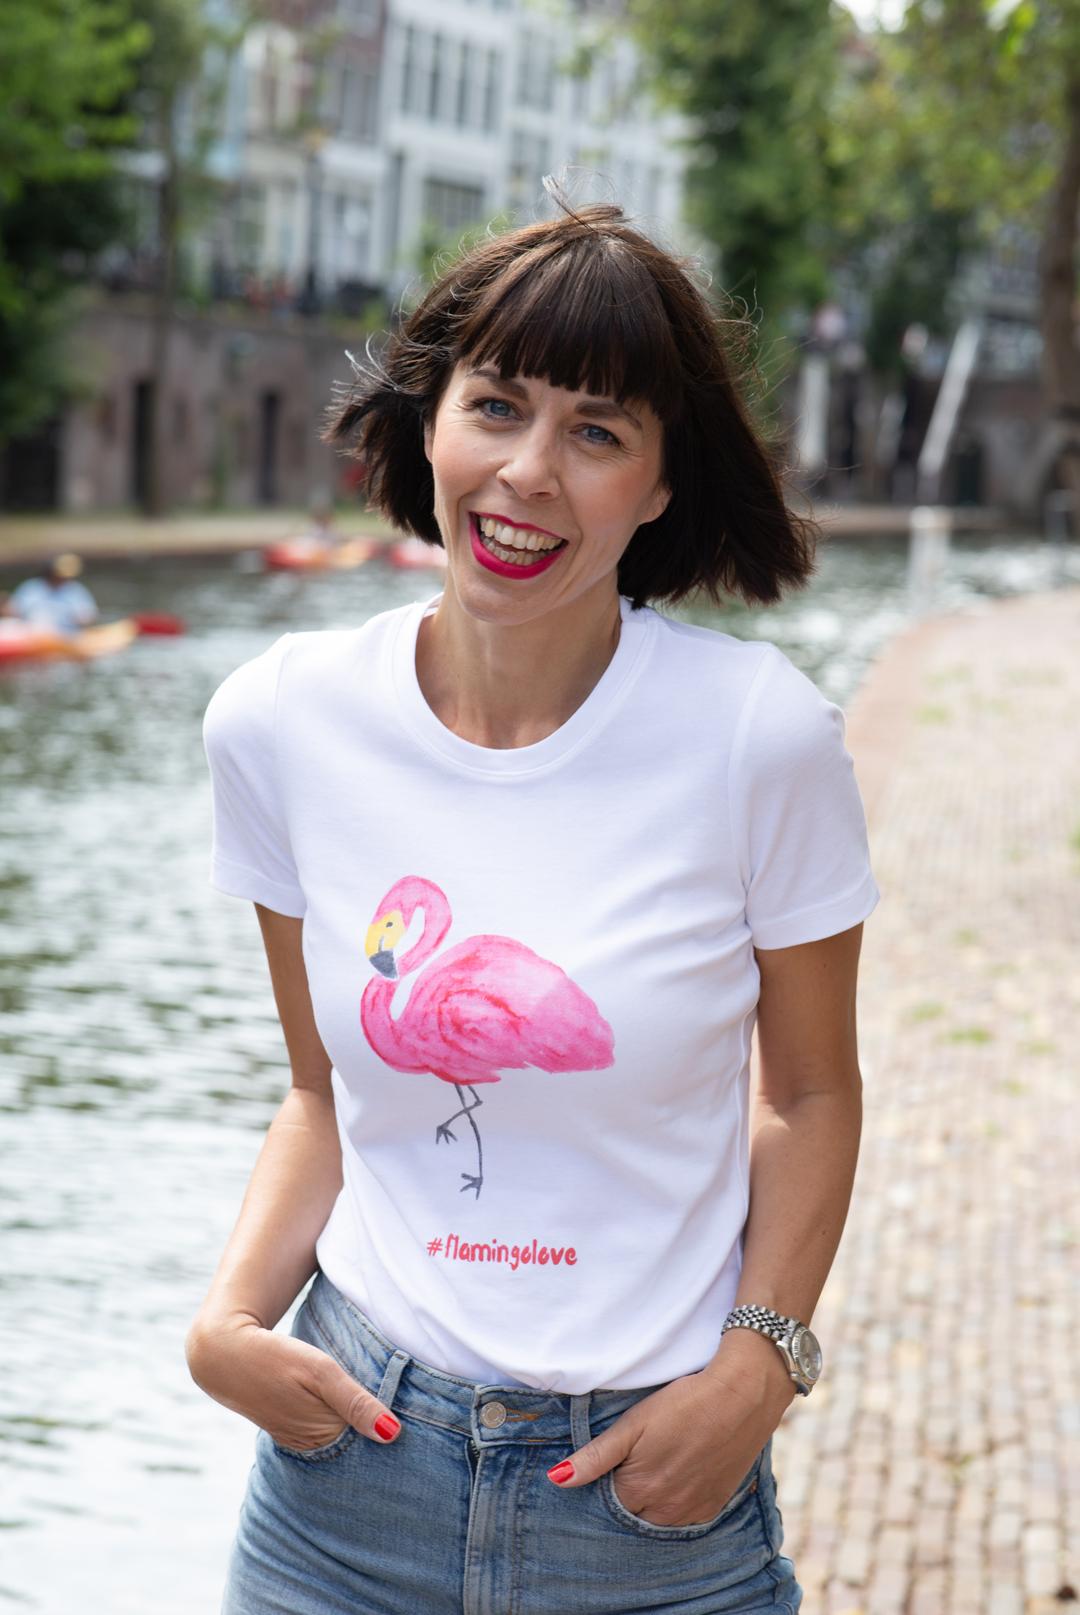 Mein eigenes T-Shirt habe ich designt - Frau mit weißem T-Shirt mit Flamingo